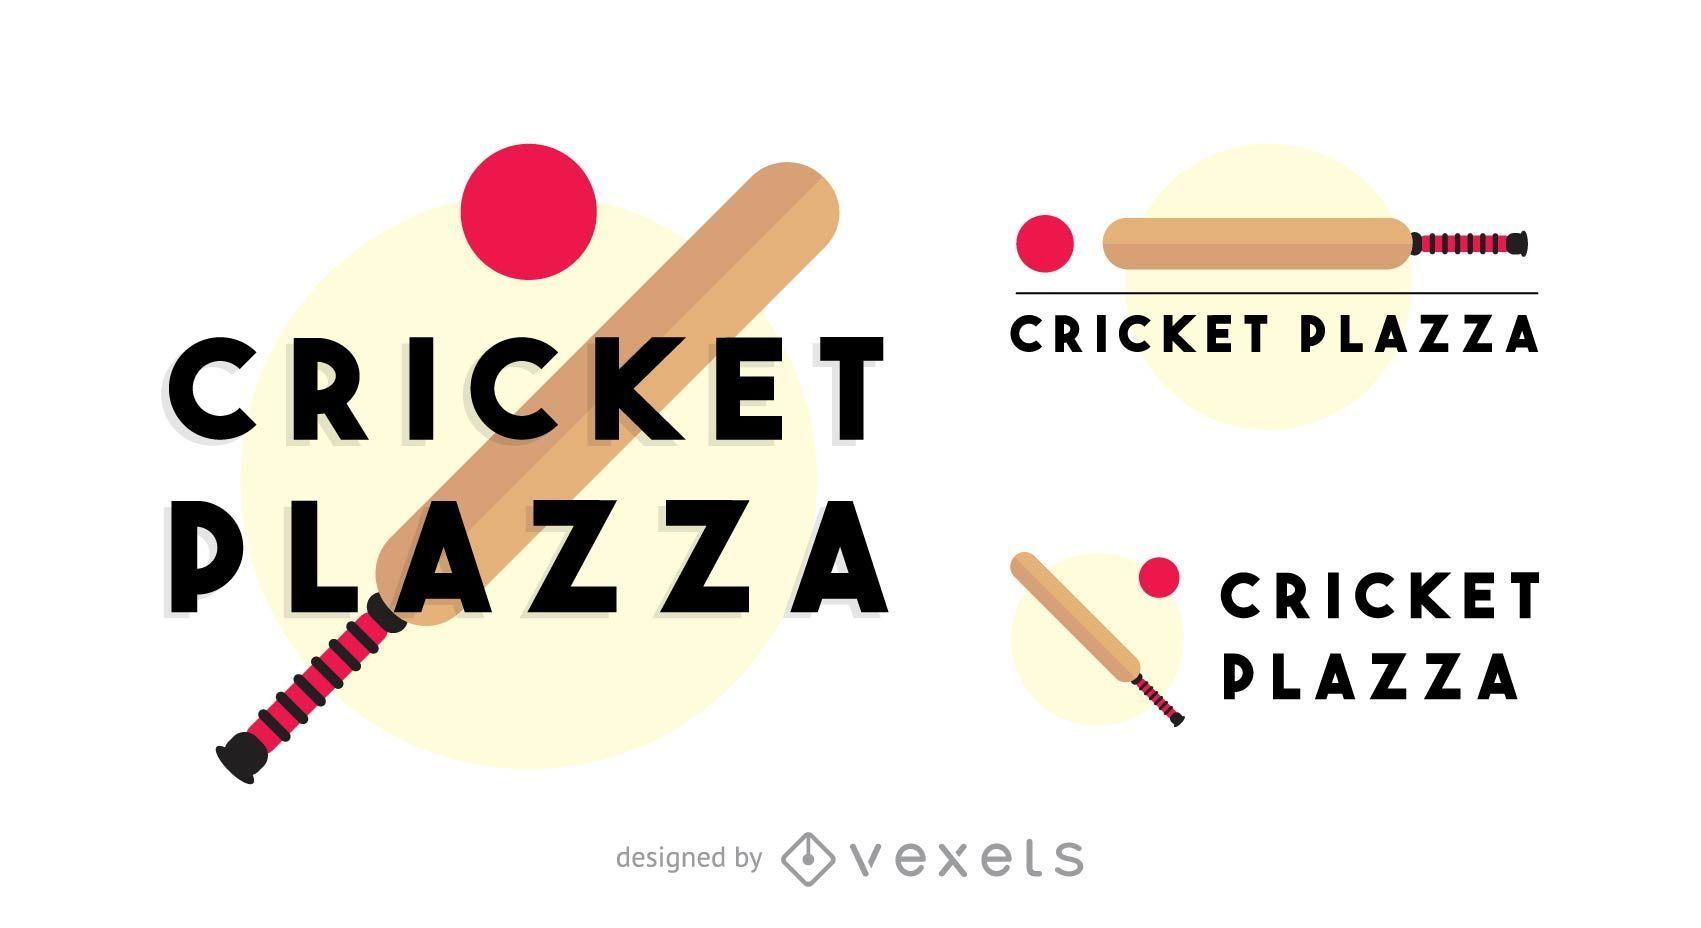 Cricket plazza logo